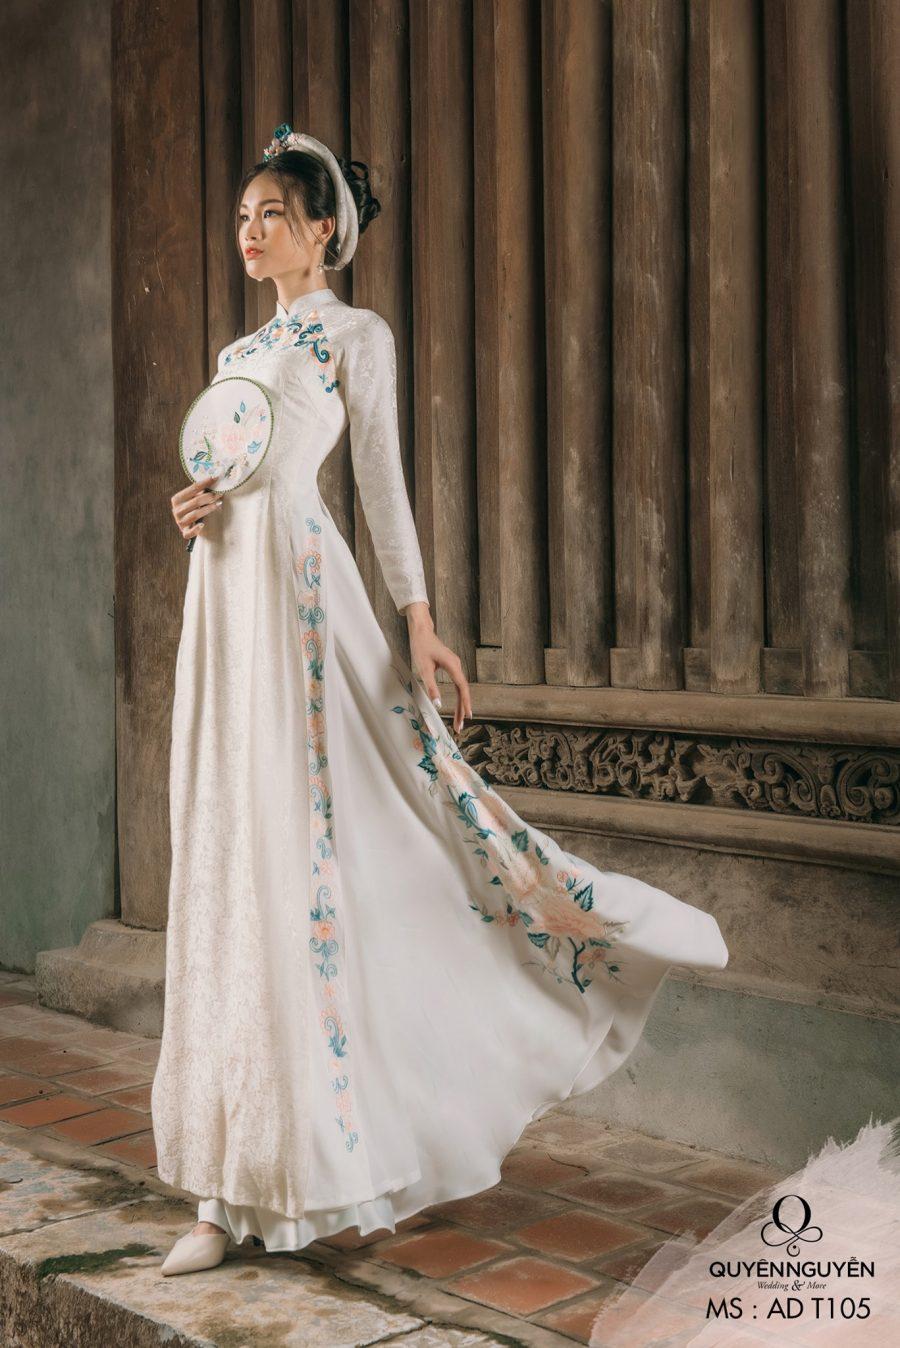 Tổng hợp các mẫu áo cưới đẹp nhất hiện nay